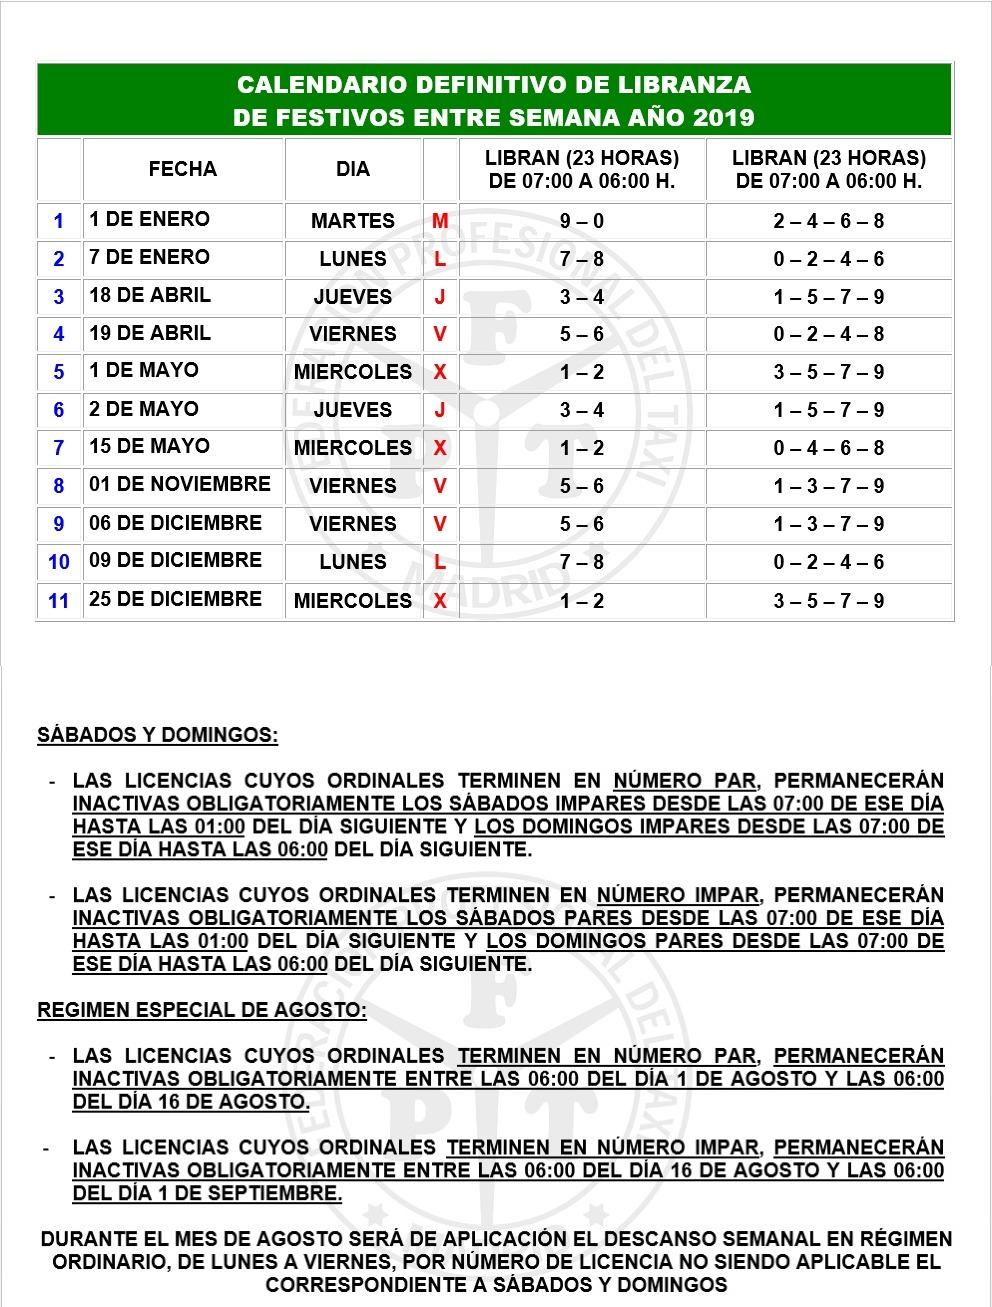 Calendario Madrid 2019.Calendario Libranza 2019